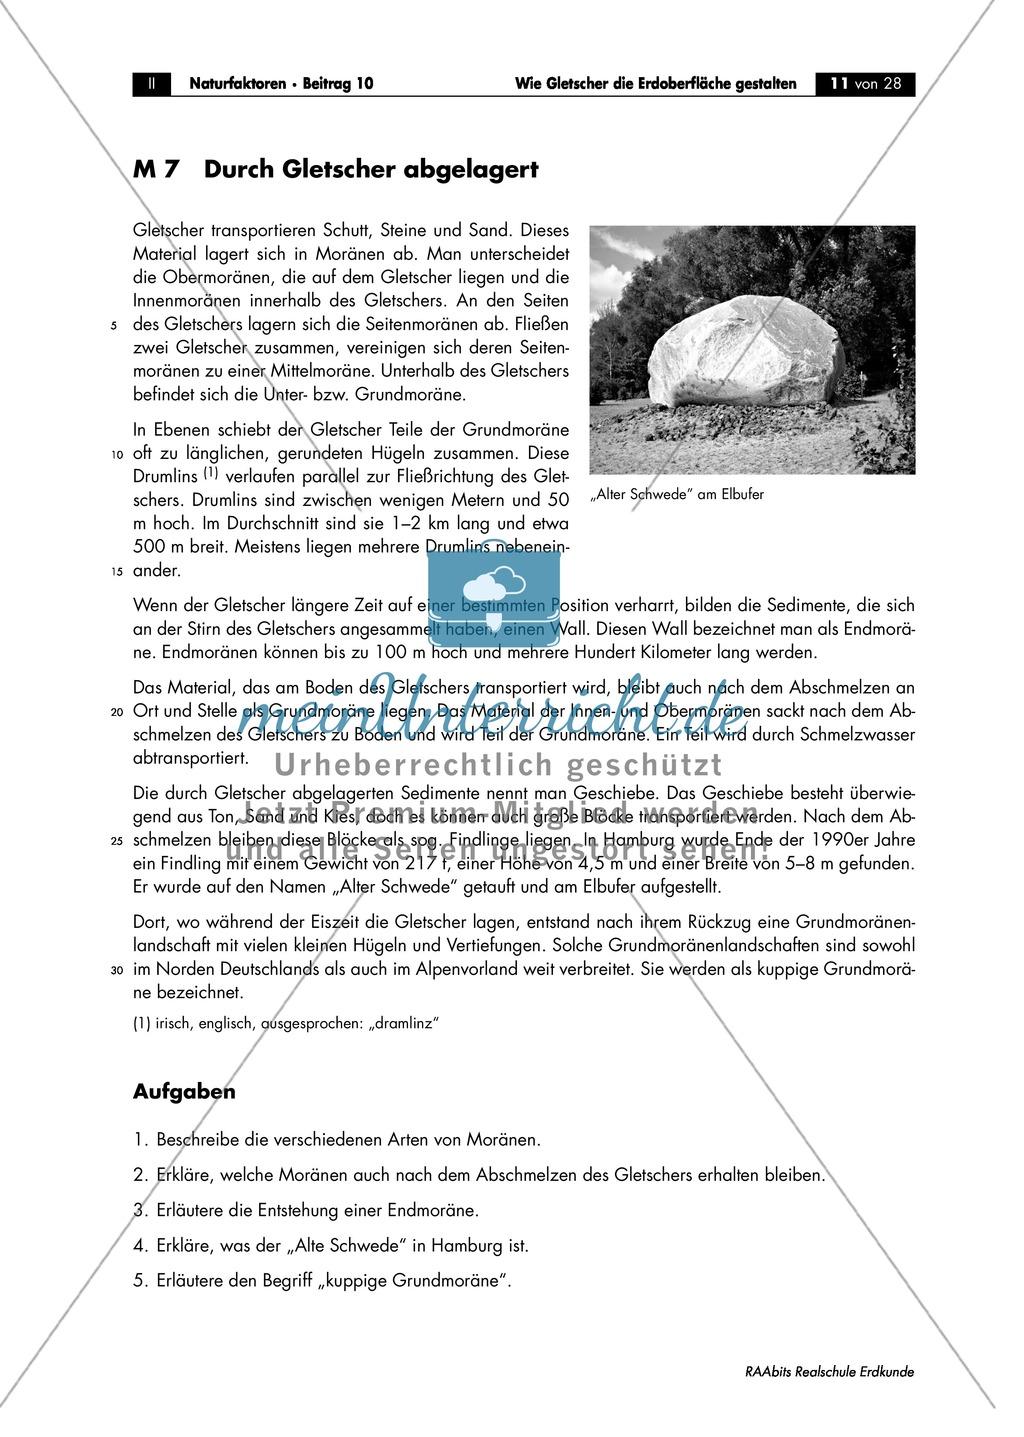 Gletscher - glaziale Erosionsformen: Trogtäler + Kar + Überformung durch Vergletscherung - Arbeitsblätter Preview 3